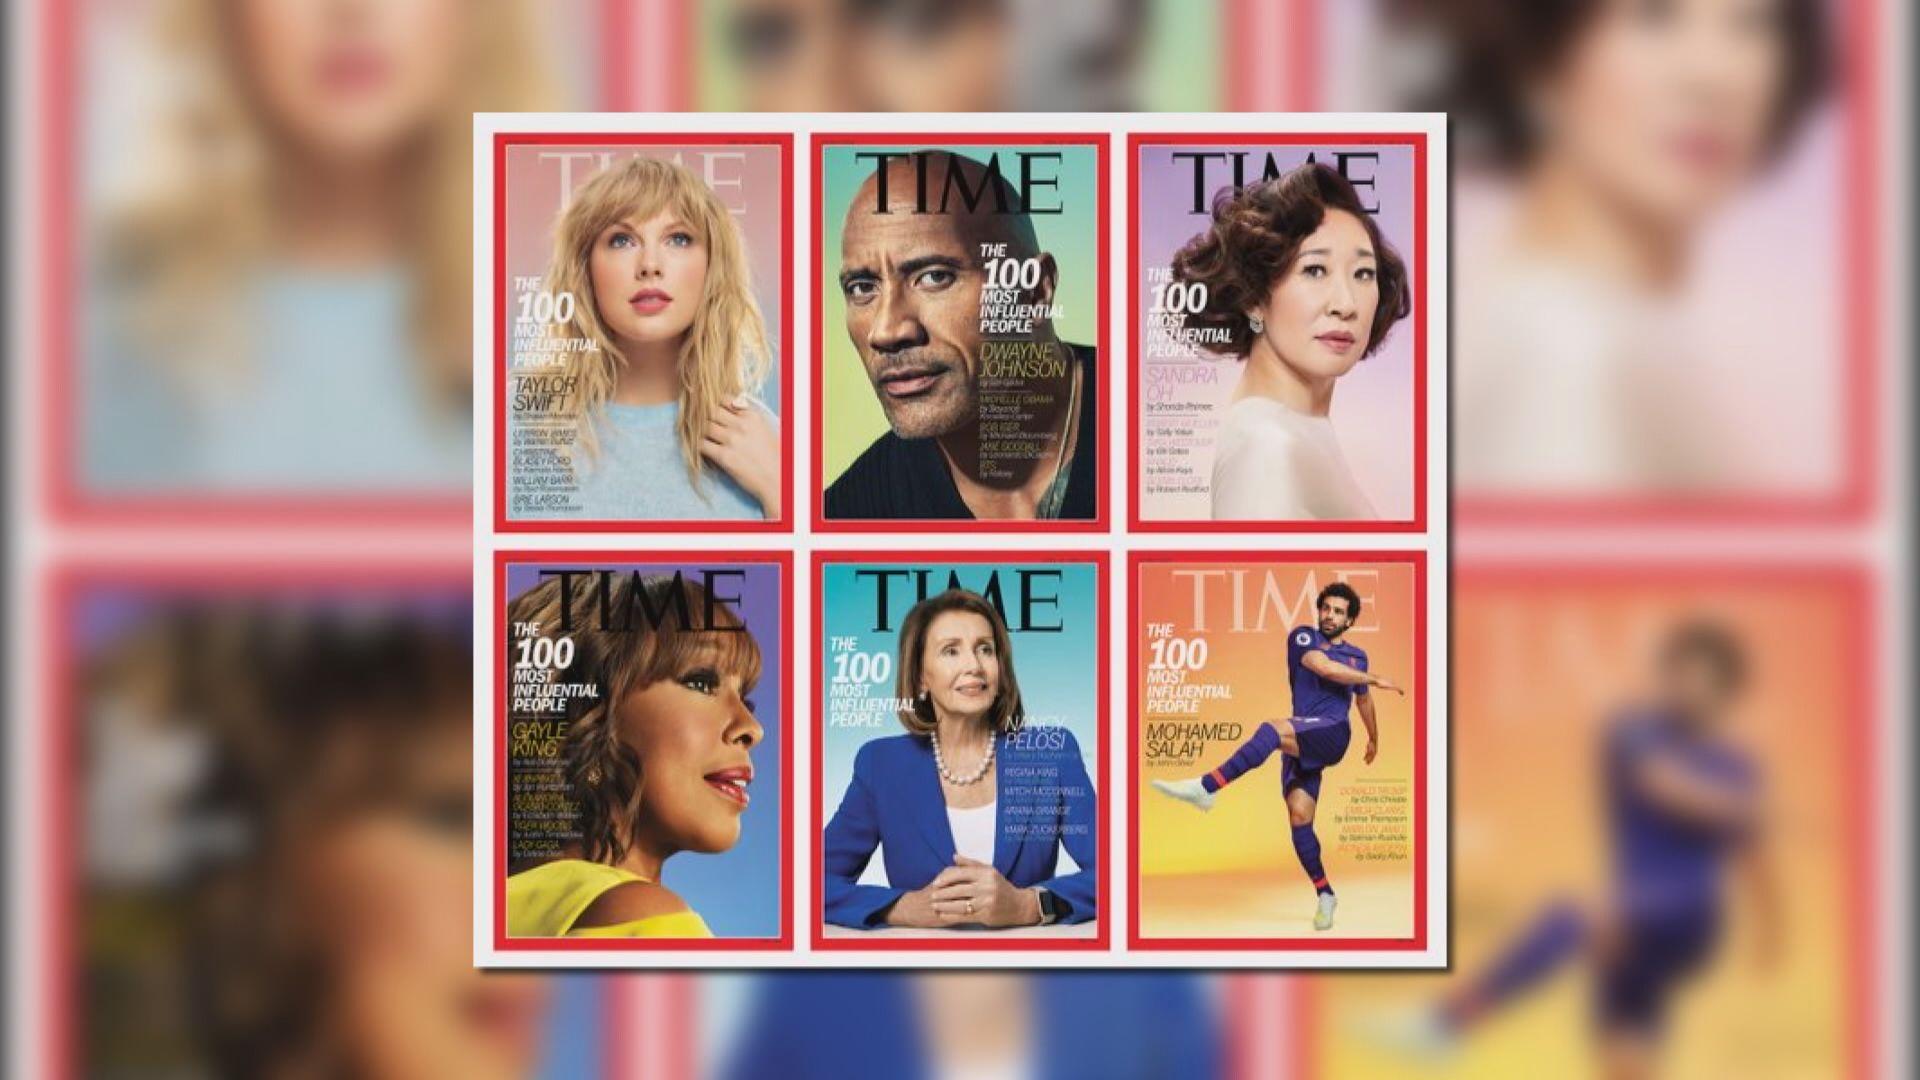 【環球薈報】《時代》雜誌公布百大具影響力人物